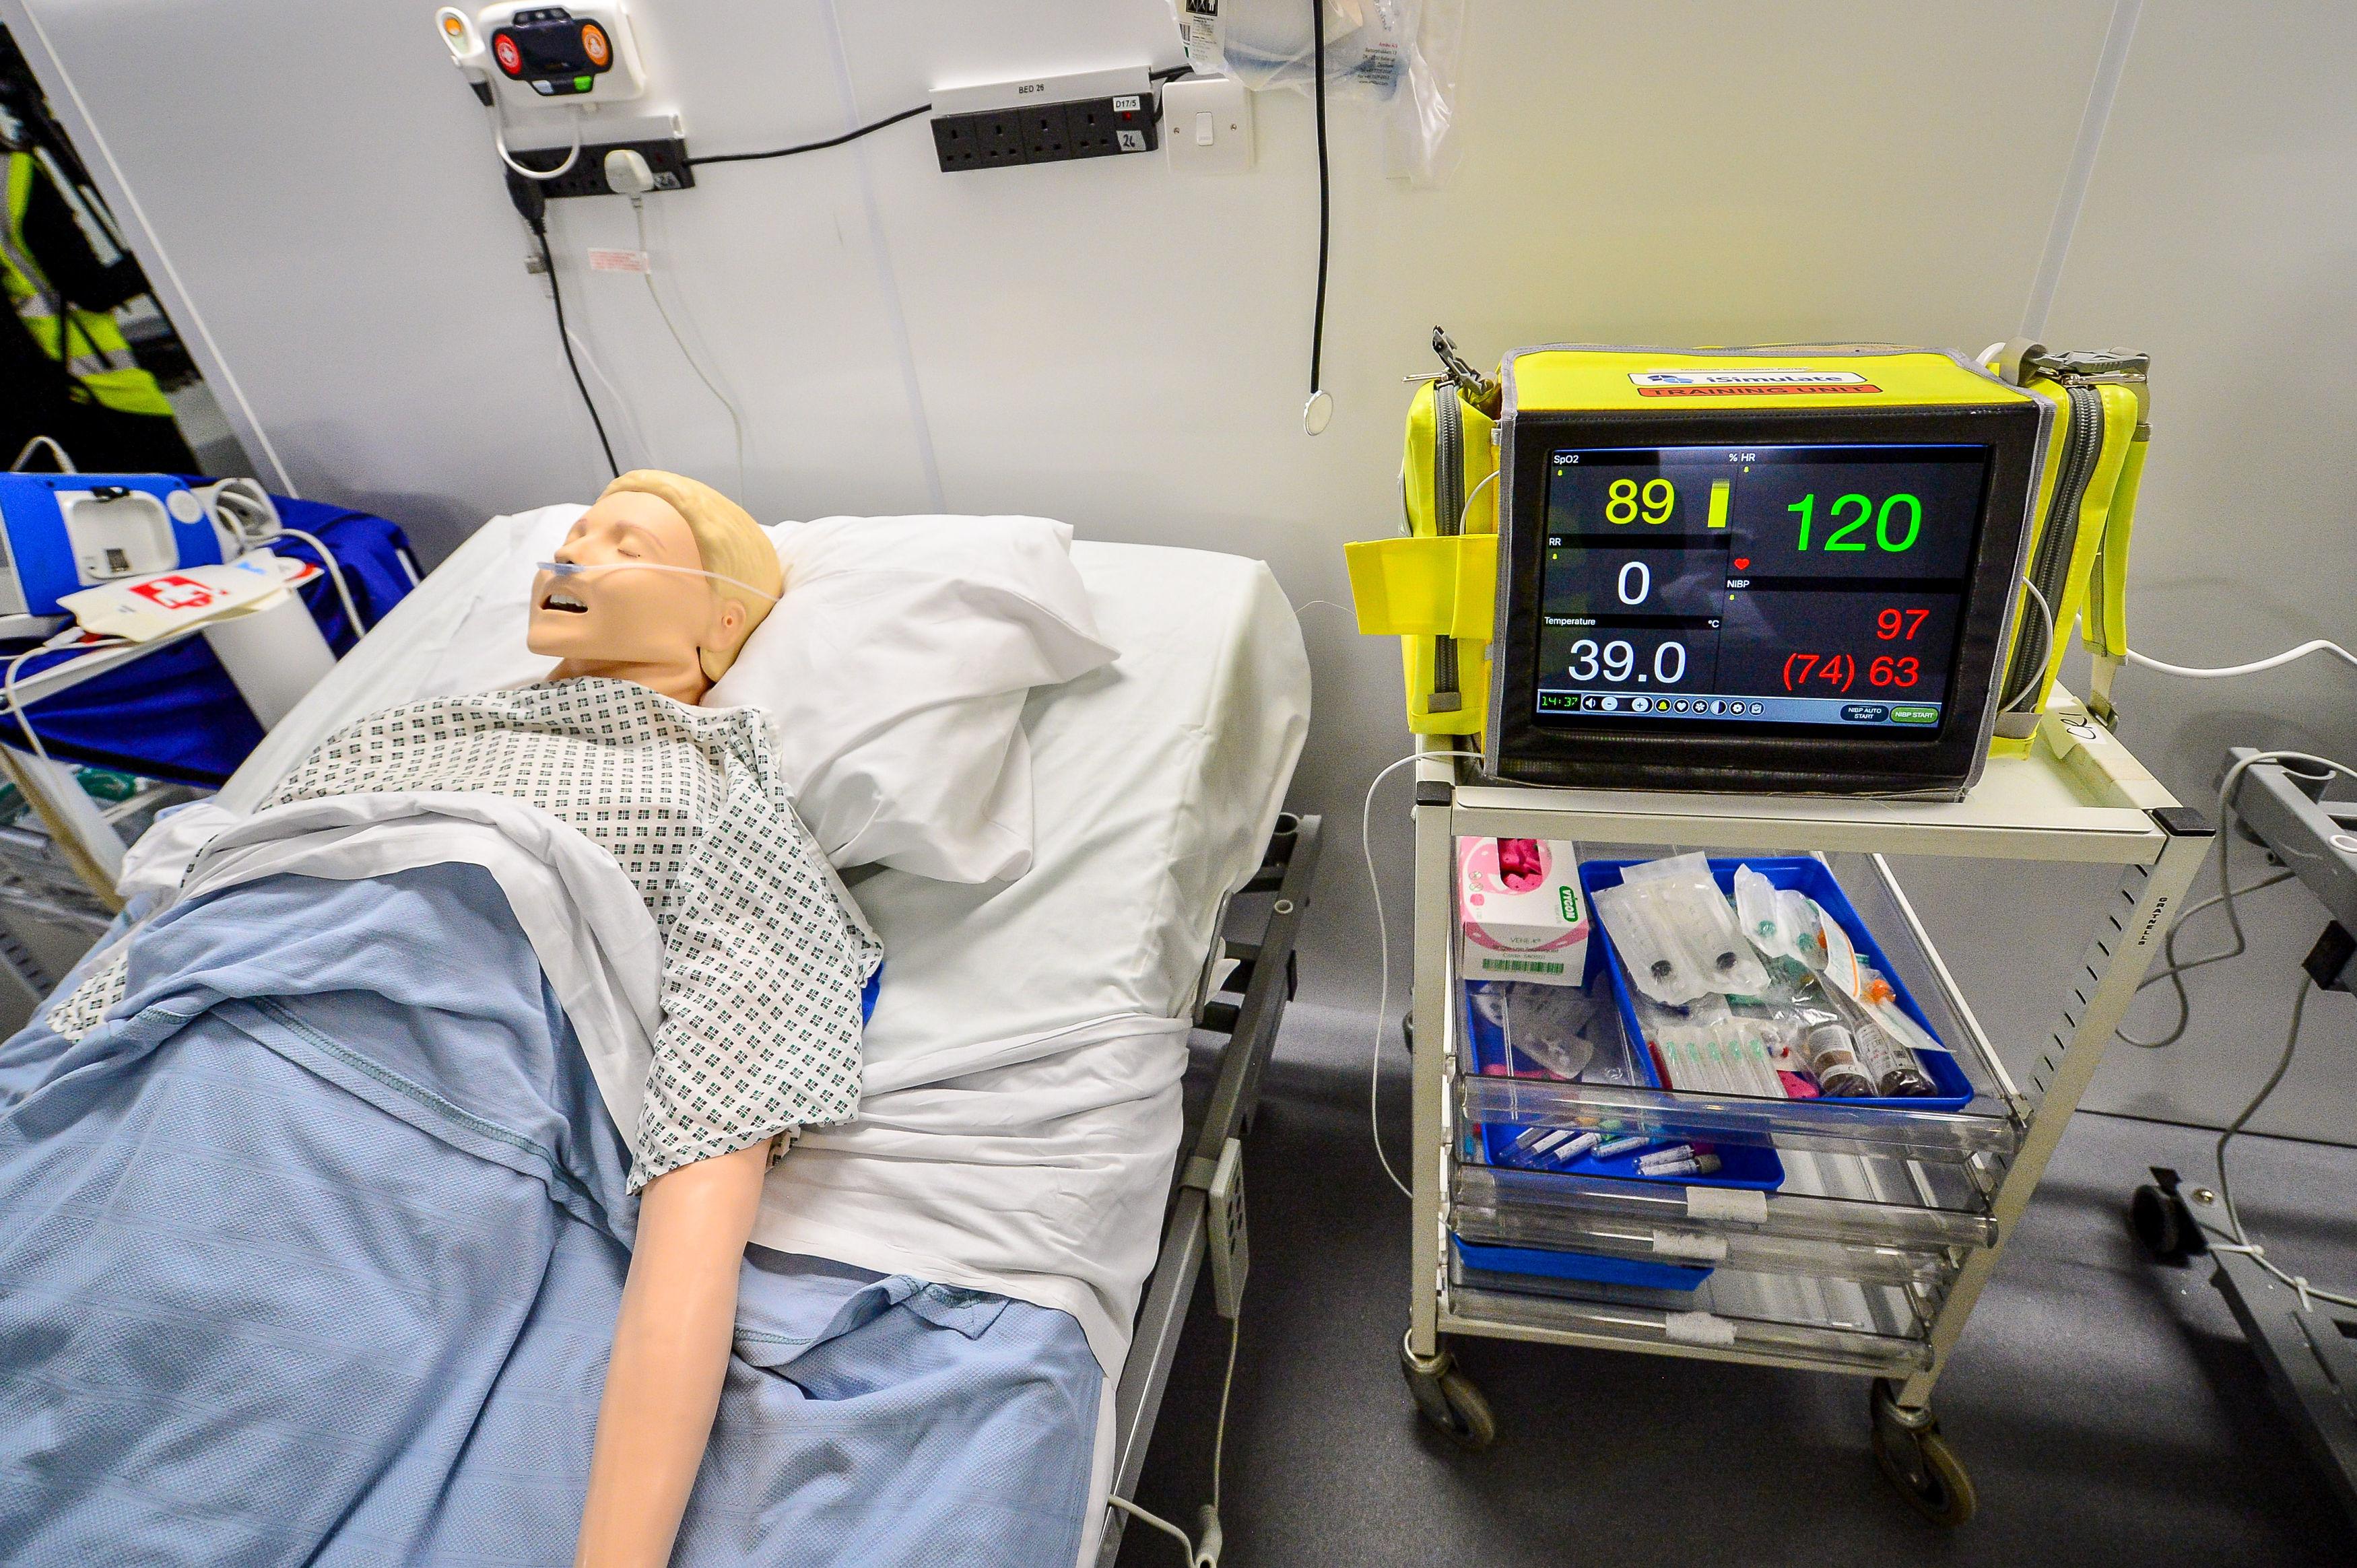 Egy fuvarozásra alapított cégnek fizetett a legtöbbet a külügy a lélegeztetőgépek beüzemeléséért